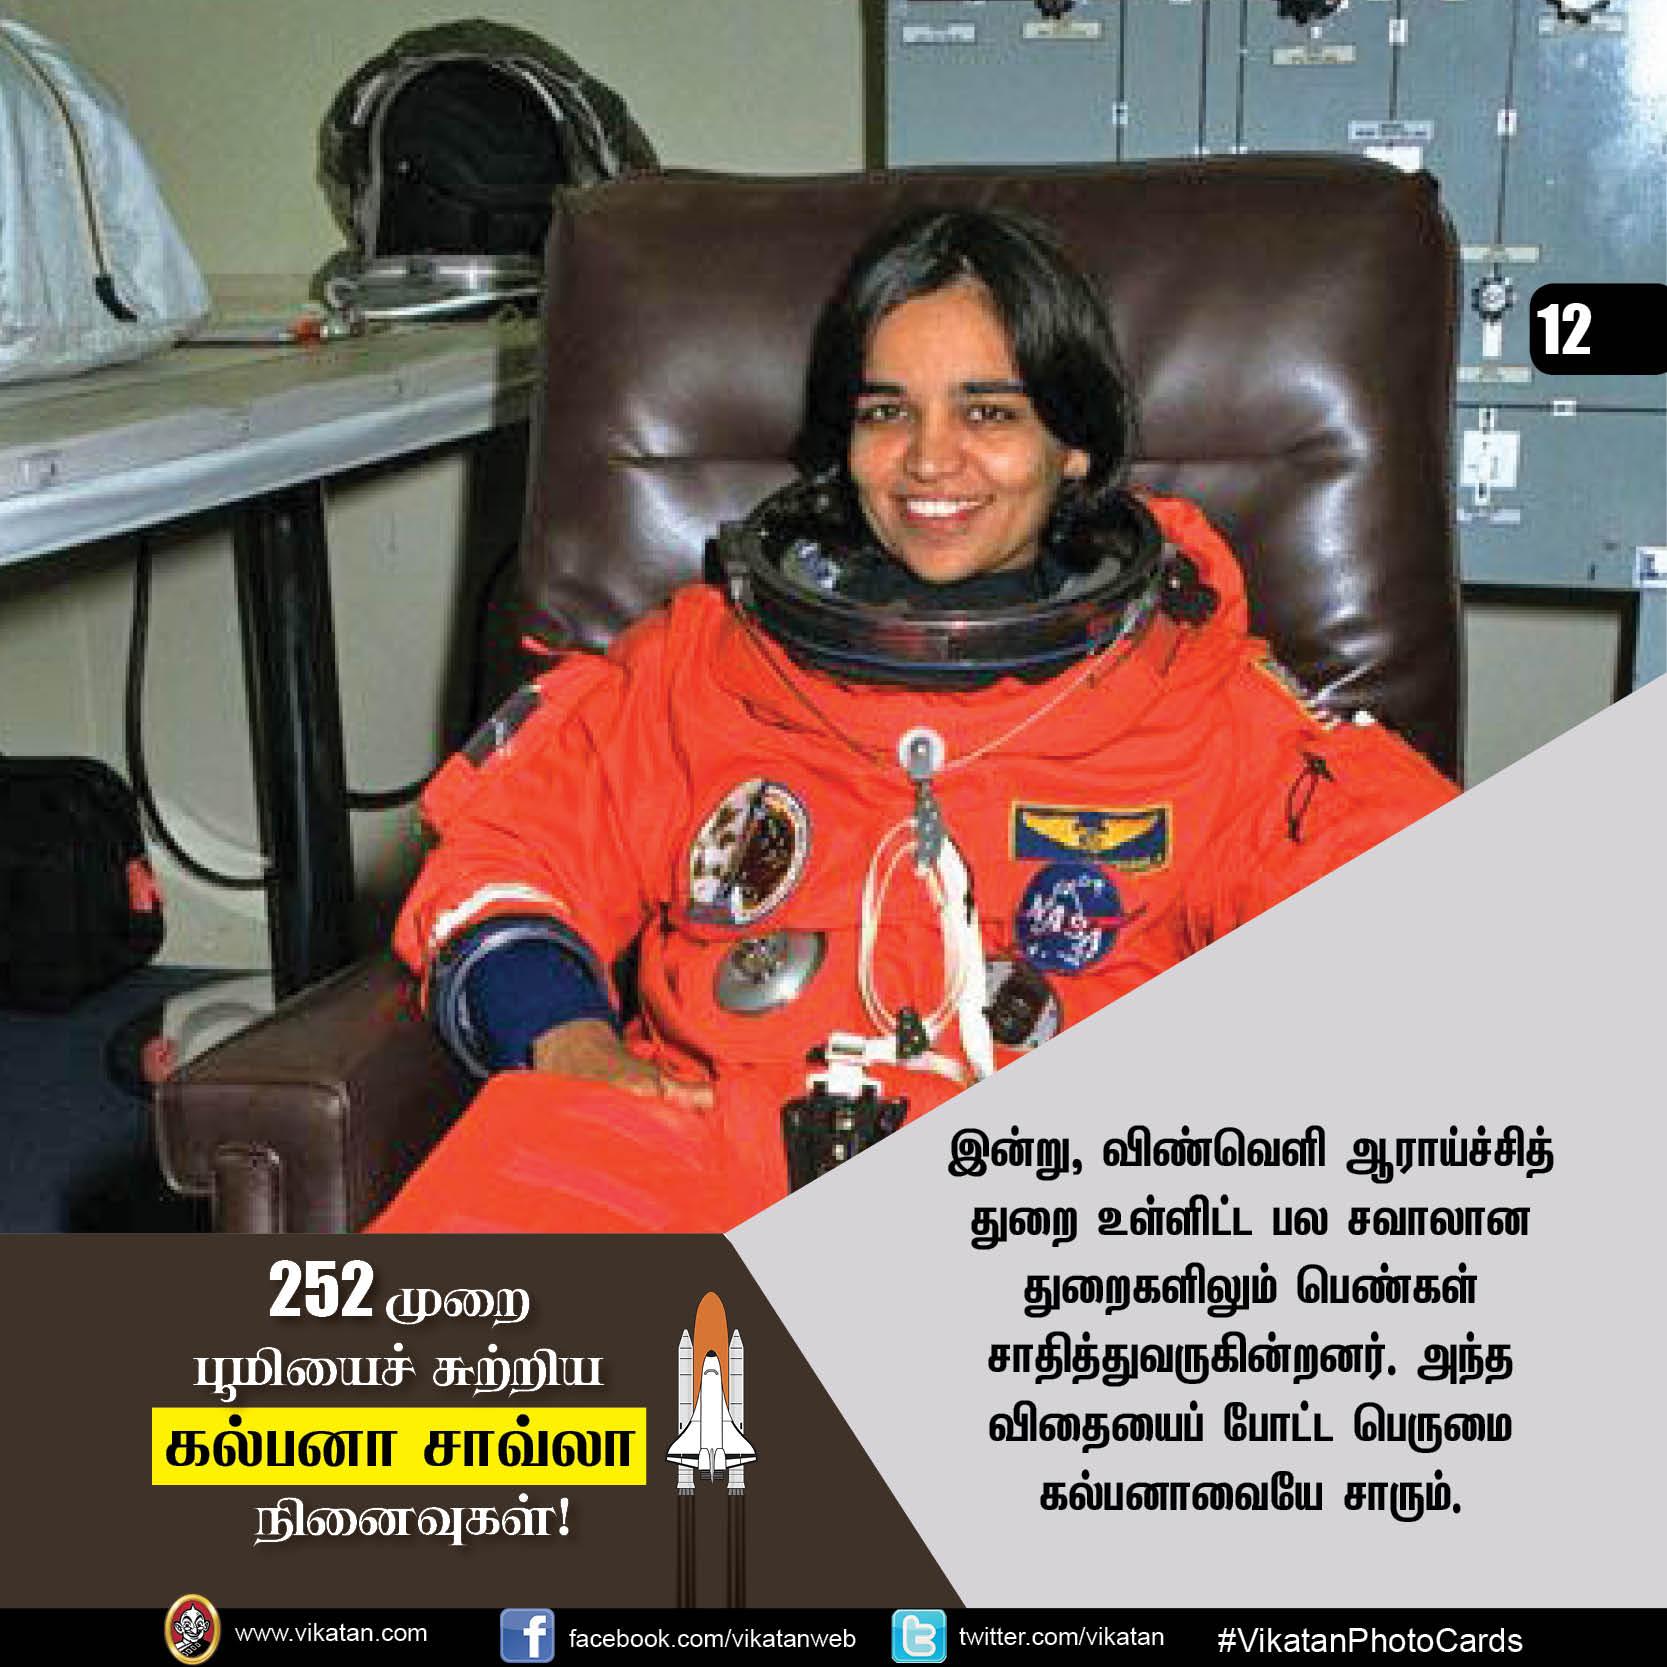 252 முறை பூமியைச் சுற்றிய கல்பனா சாவ்லா நினைவுகள்! #KalpanaChawlaMemories #VikatanPhotoCards